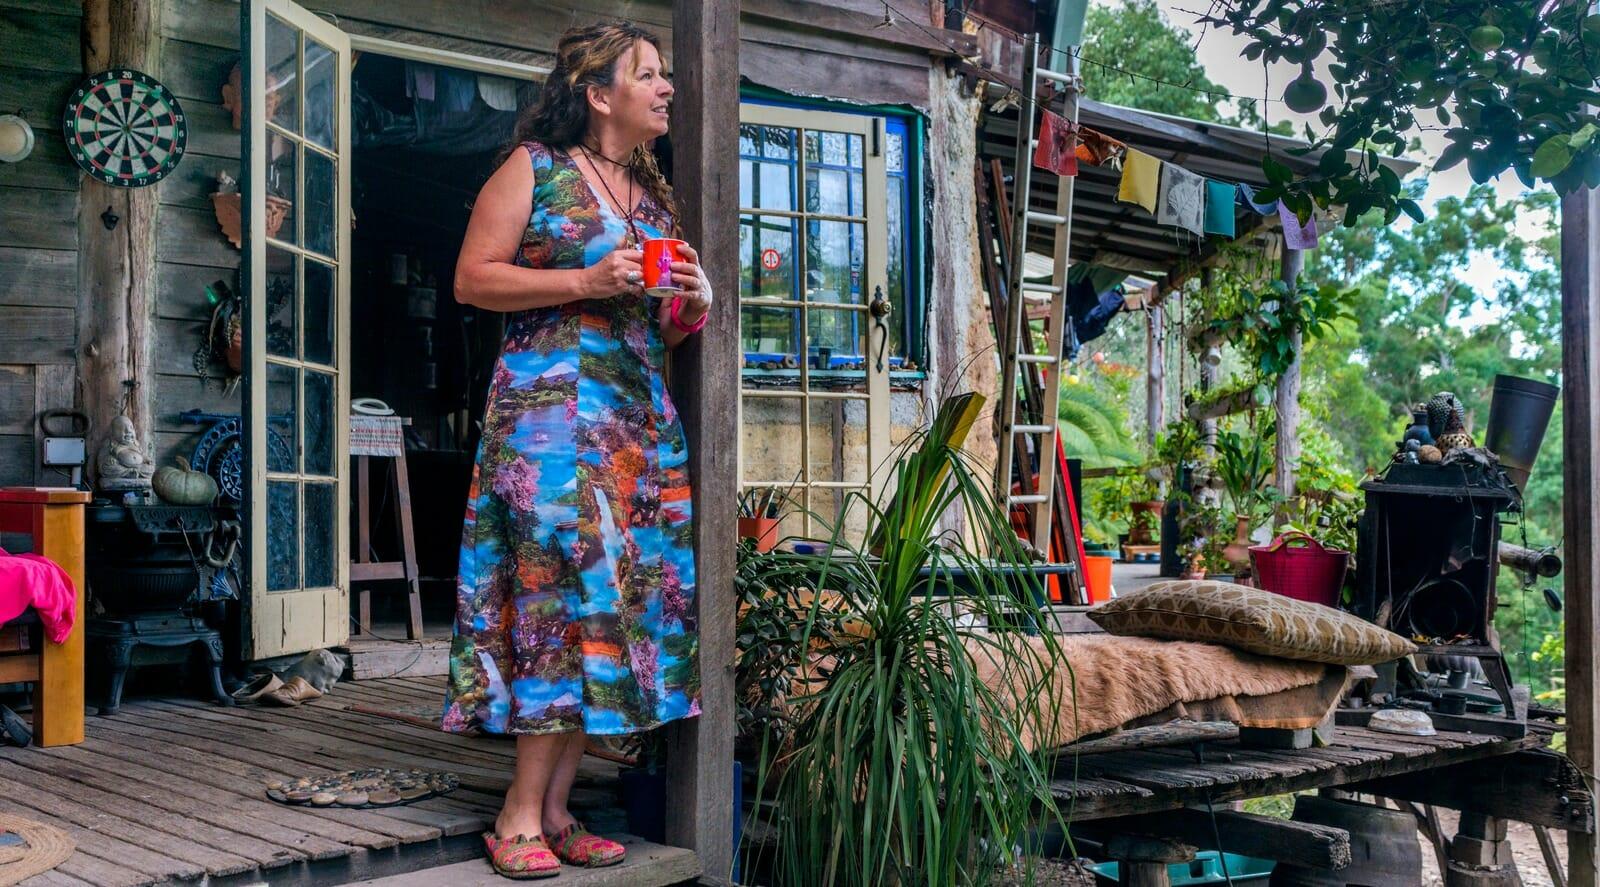 Nelli Gallop on the verandah